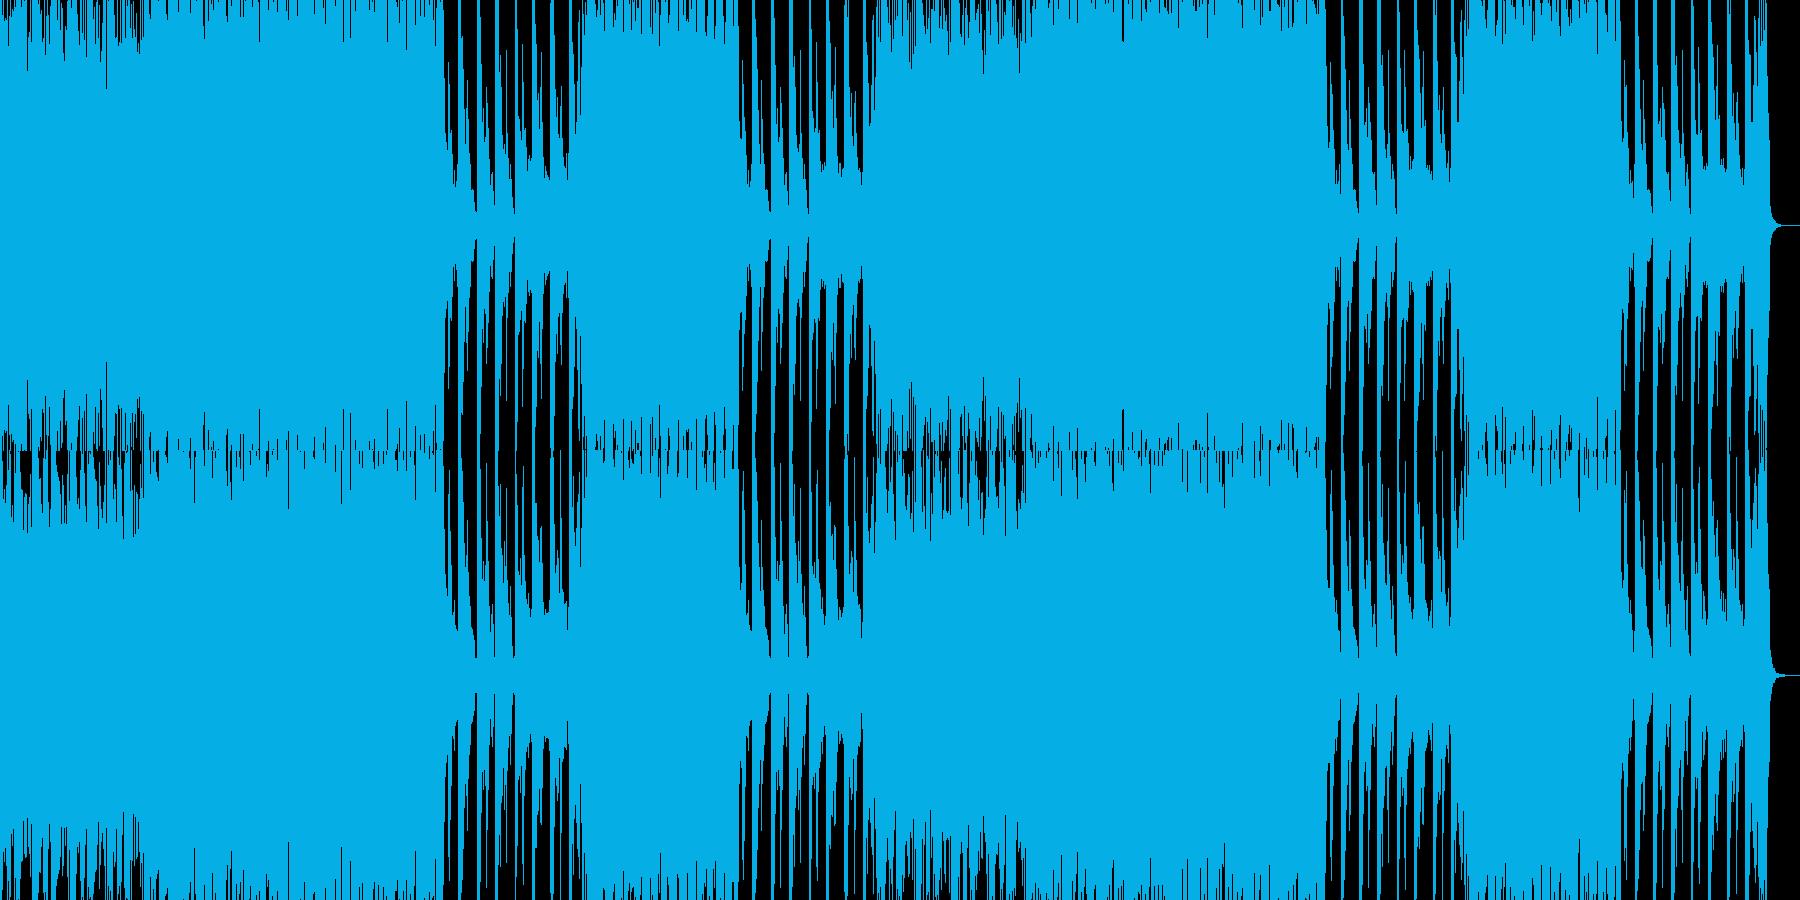 緊迫感のあるへヴィな戦闘曲の再生済みの波形